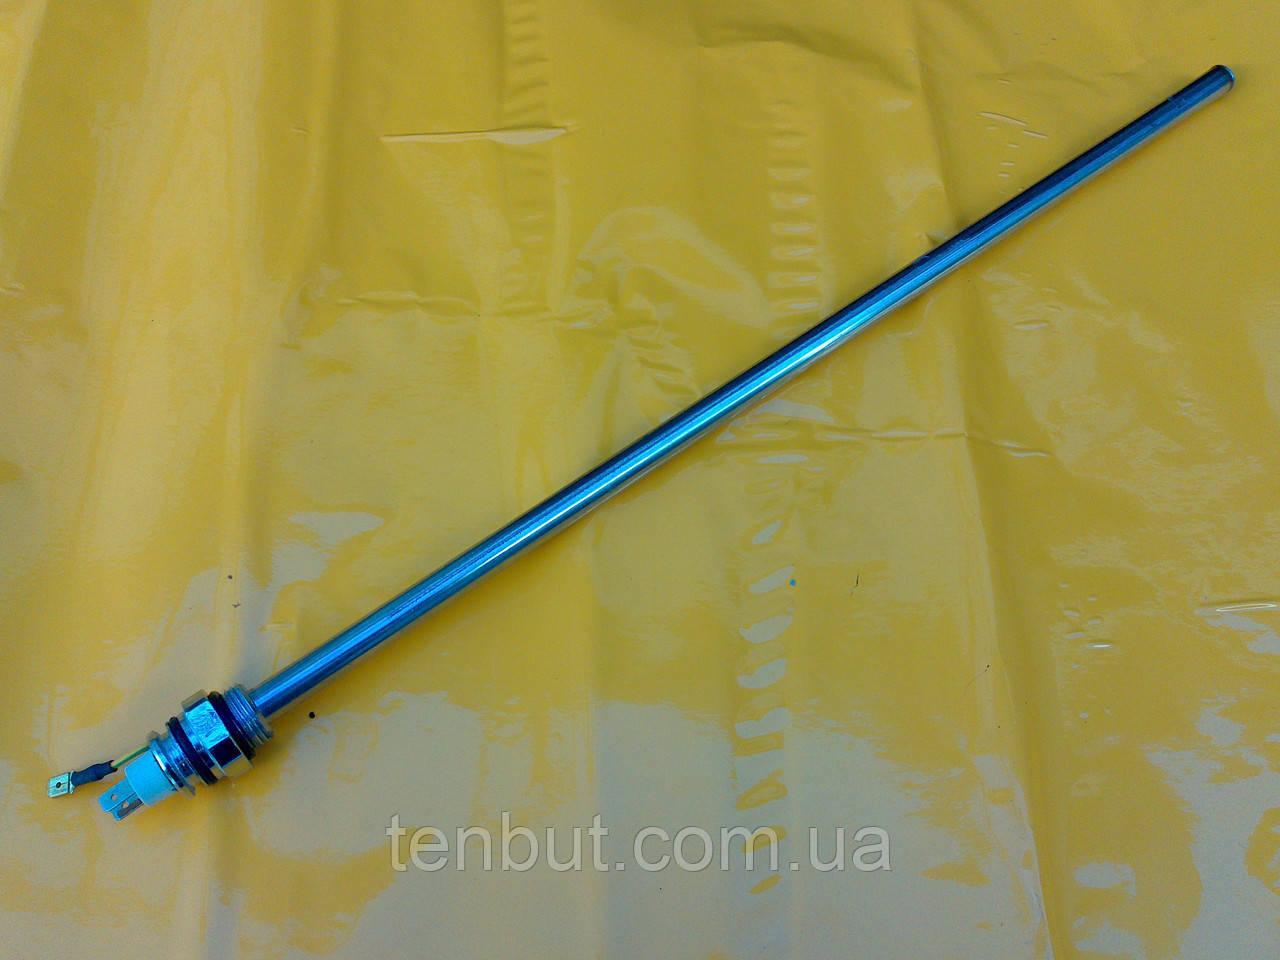 Тэн патронного типа 700 Вт. / 550 мм. в алюминиевую батарею и в полотенцесушитель производство Италия НТ